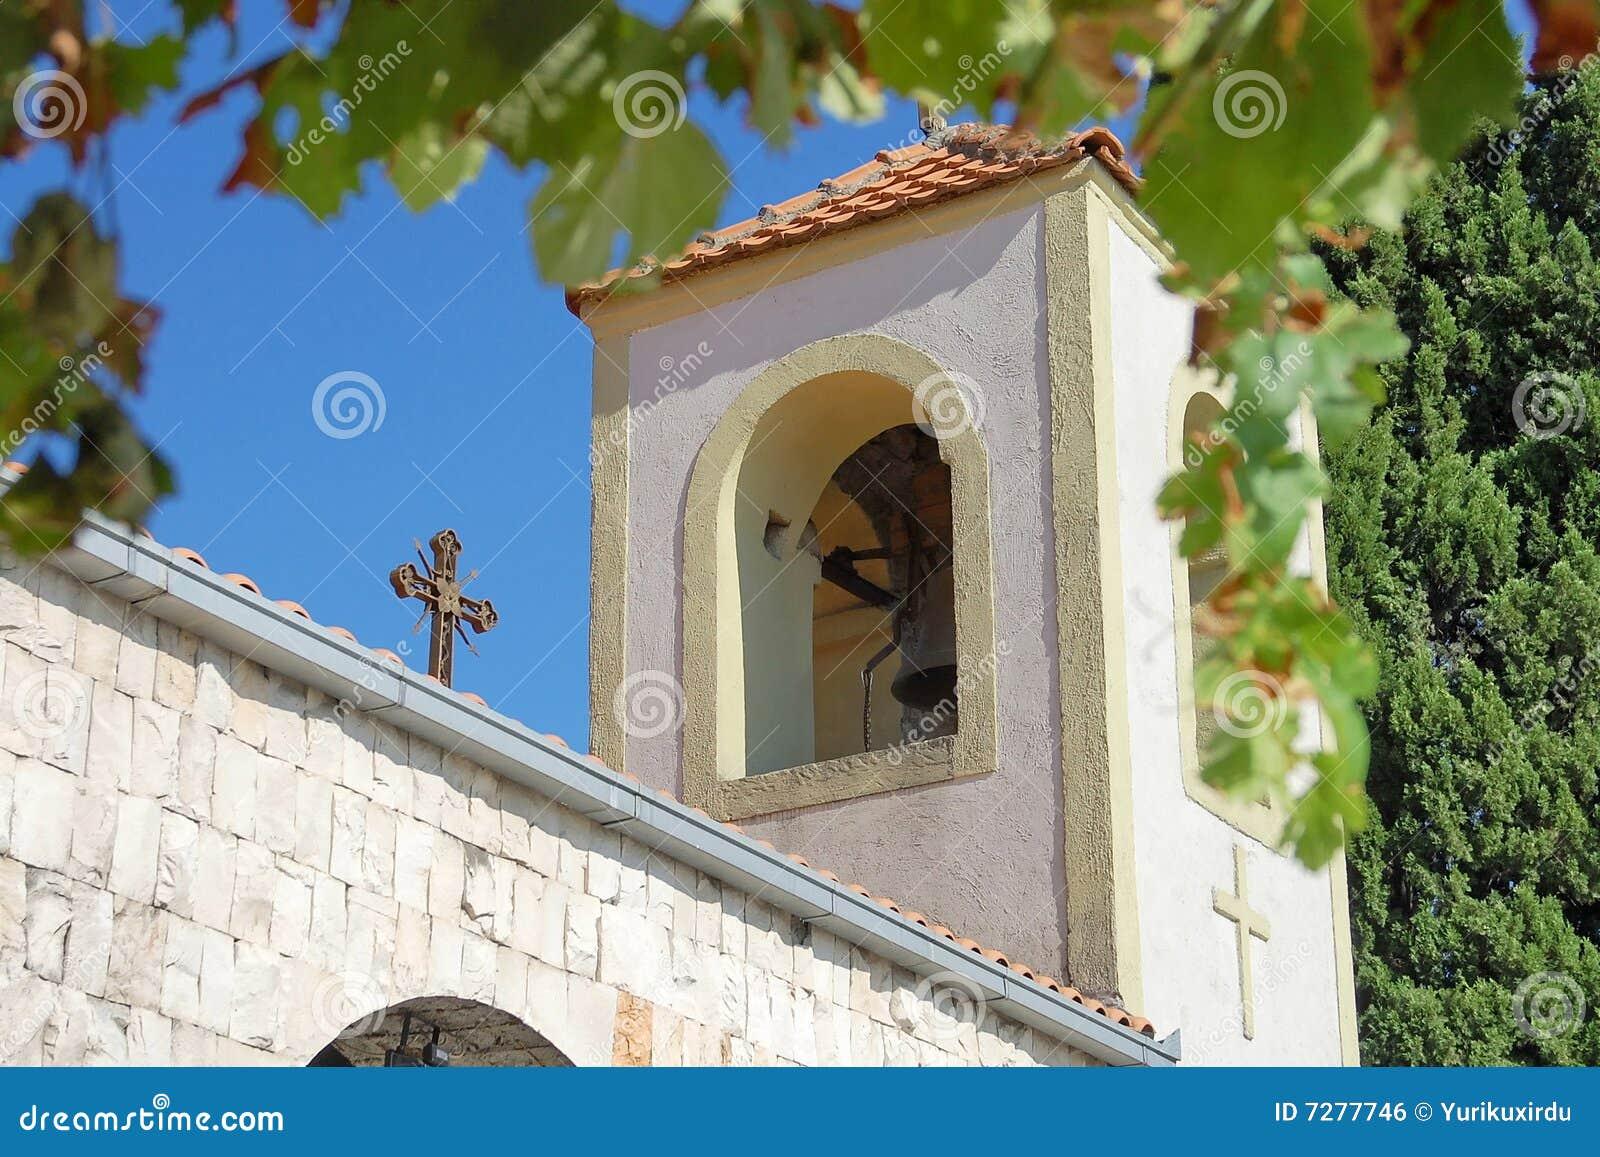 Marco del campanario de una iglesia, de la cruz y de las hojas